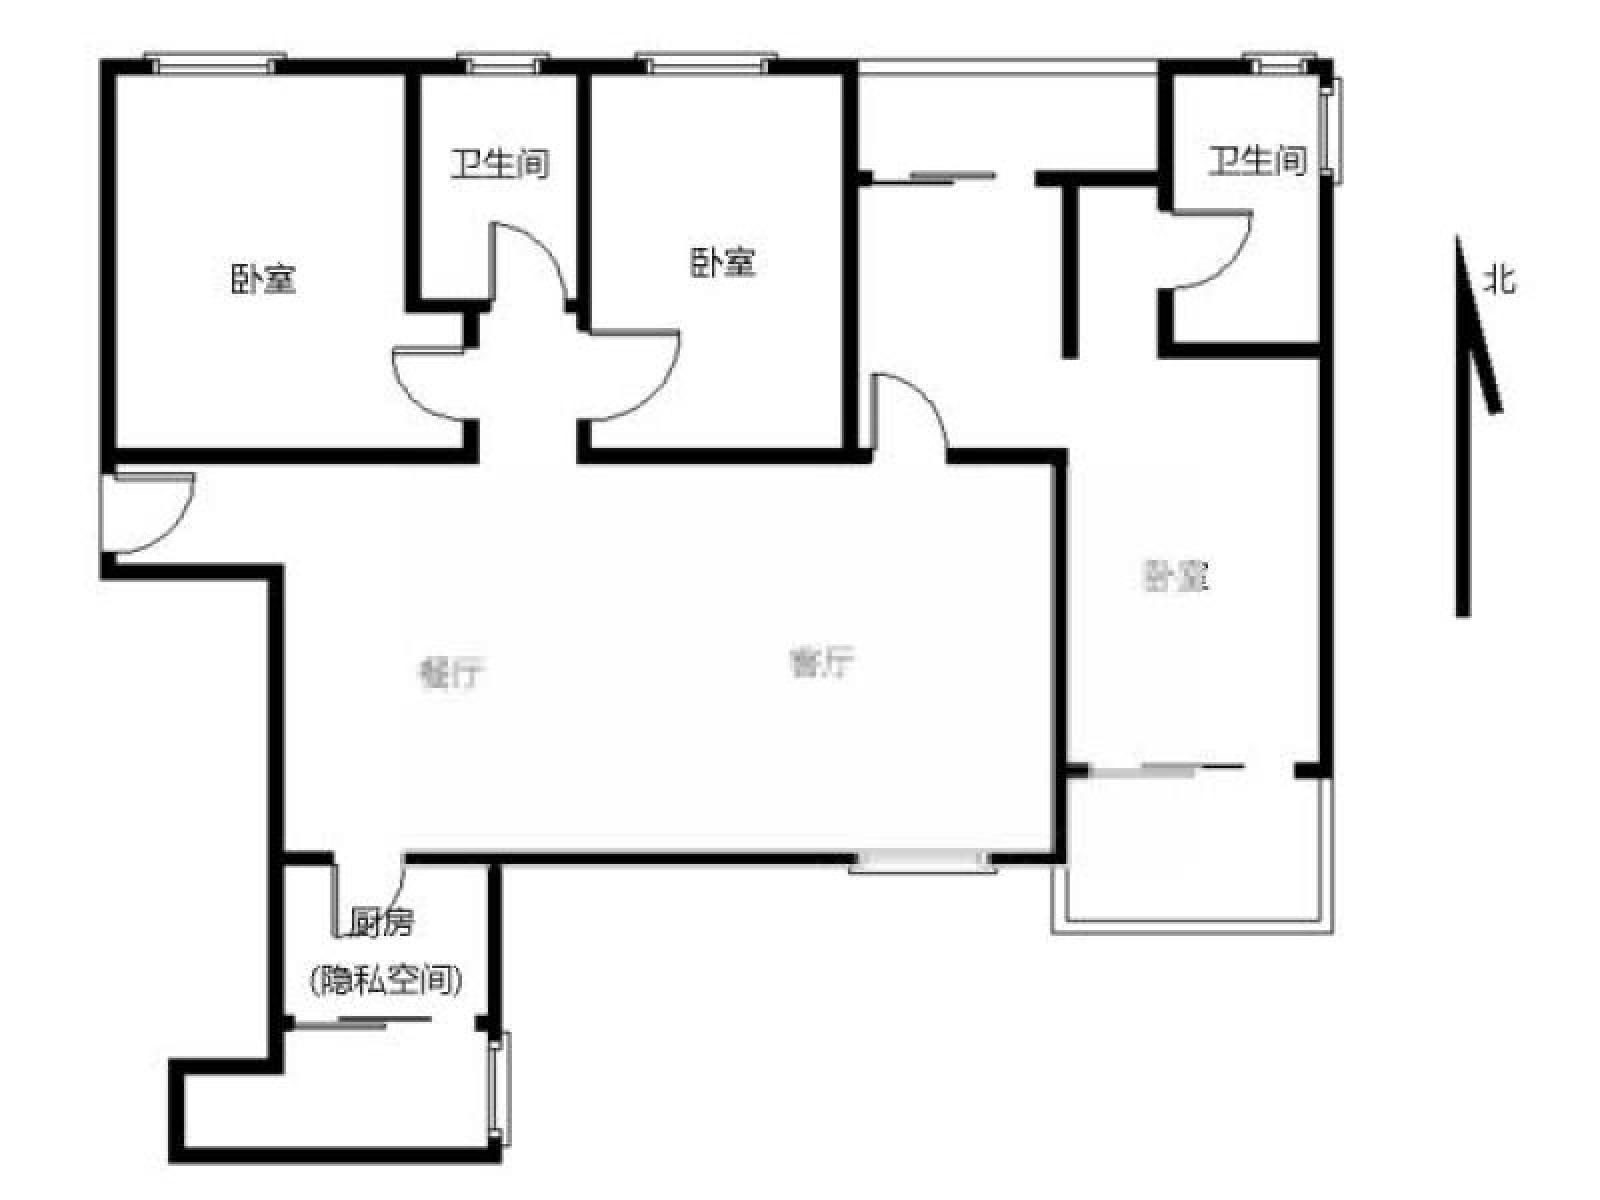 鼓楼区凤凰西街中海凤凰熙岸3室2厅户型图